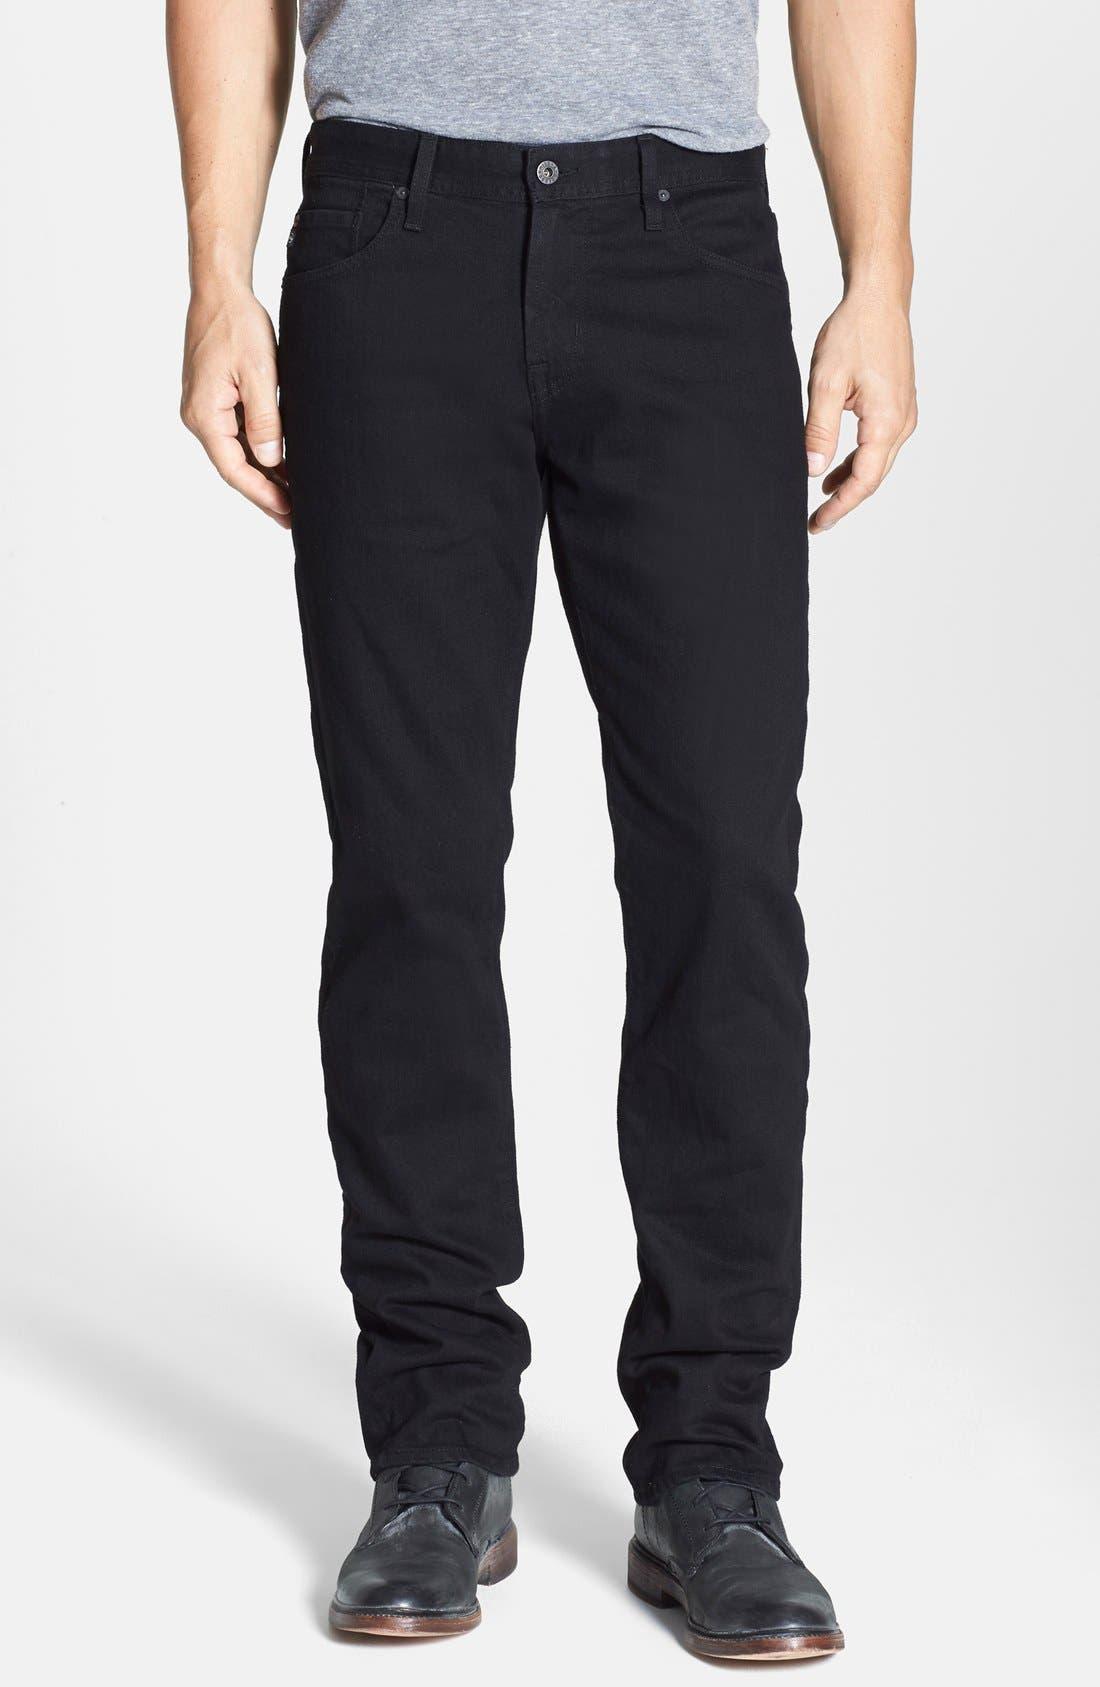 Alternate Image 1 Selected - AG Graduate Slim Straight Leg Jeans (Blackbird)